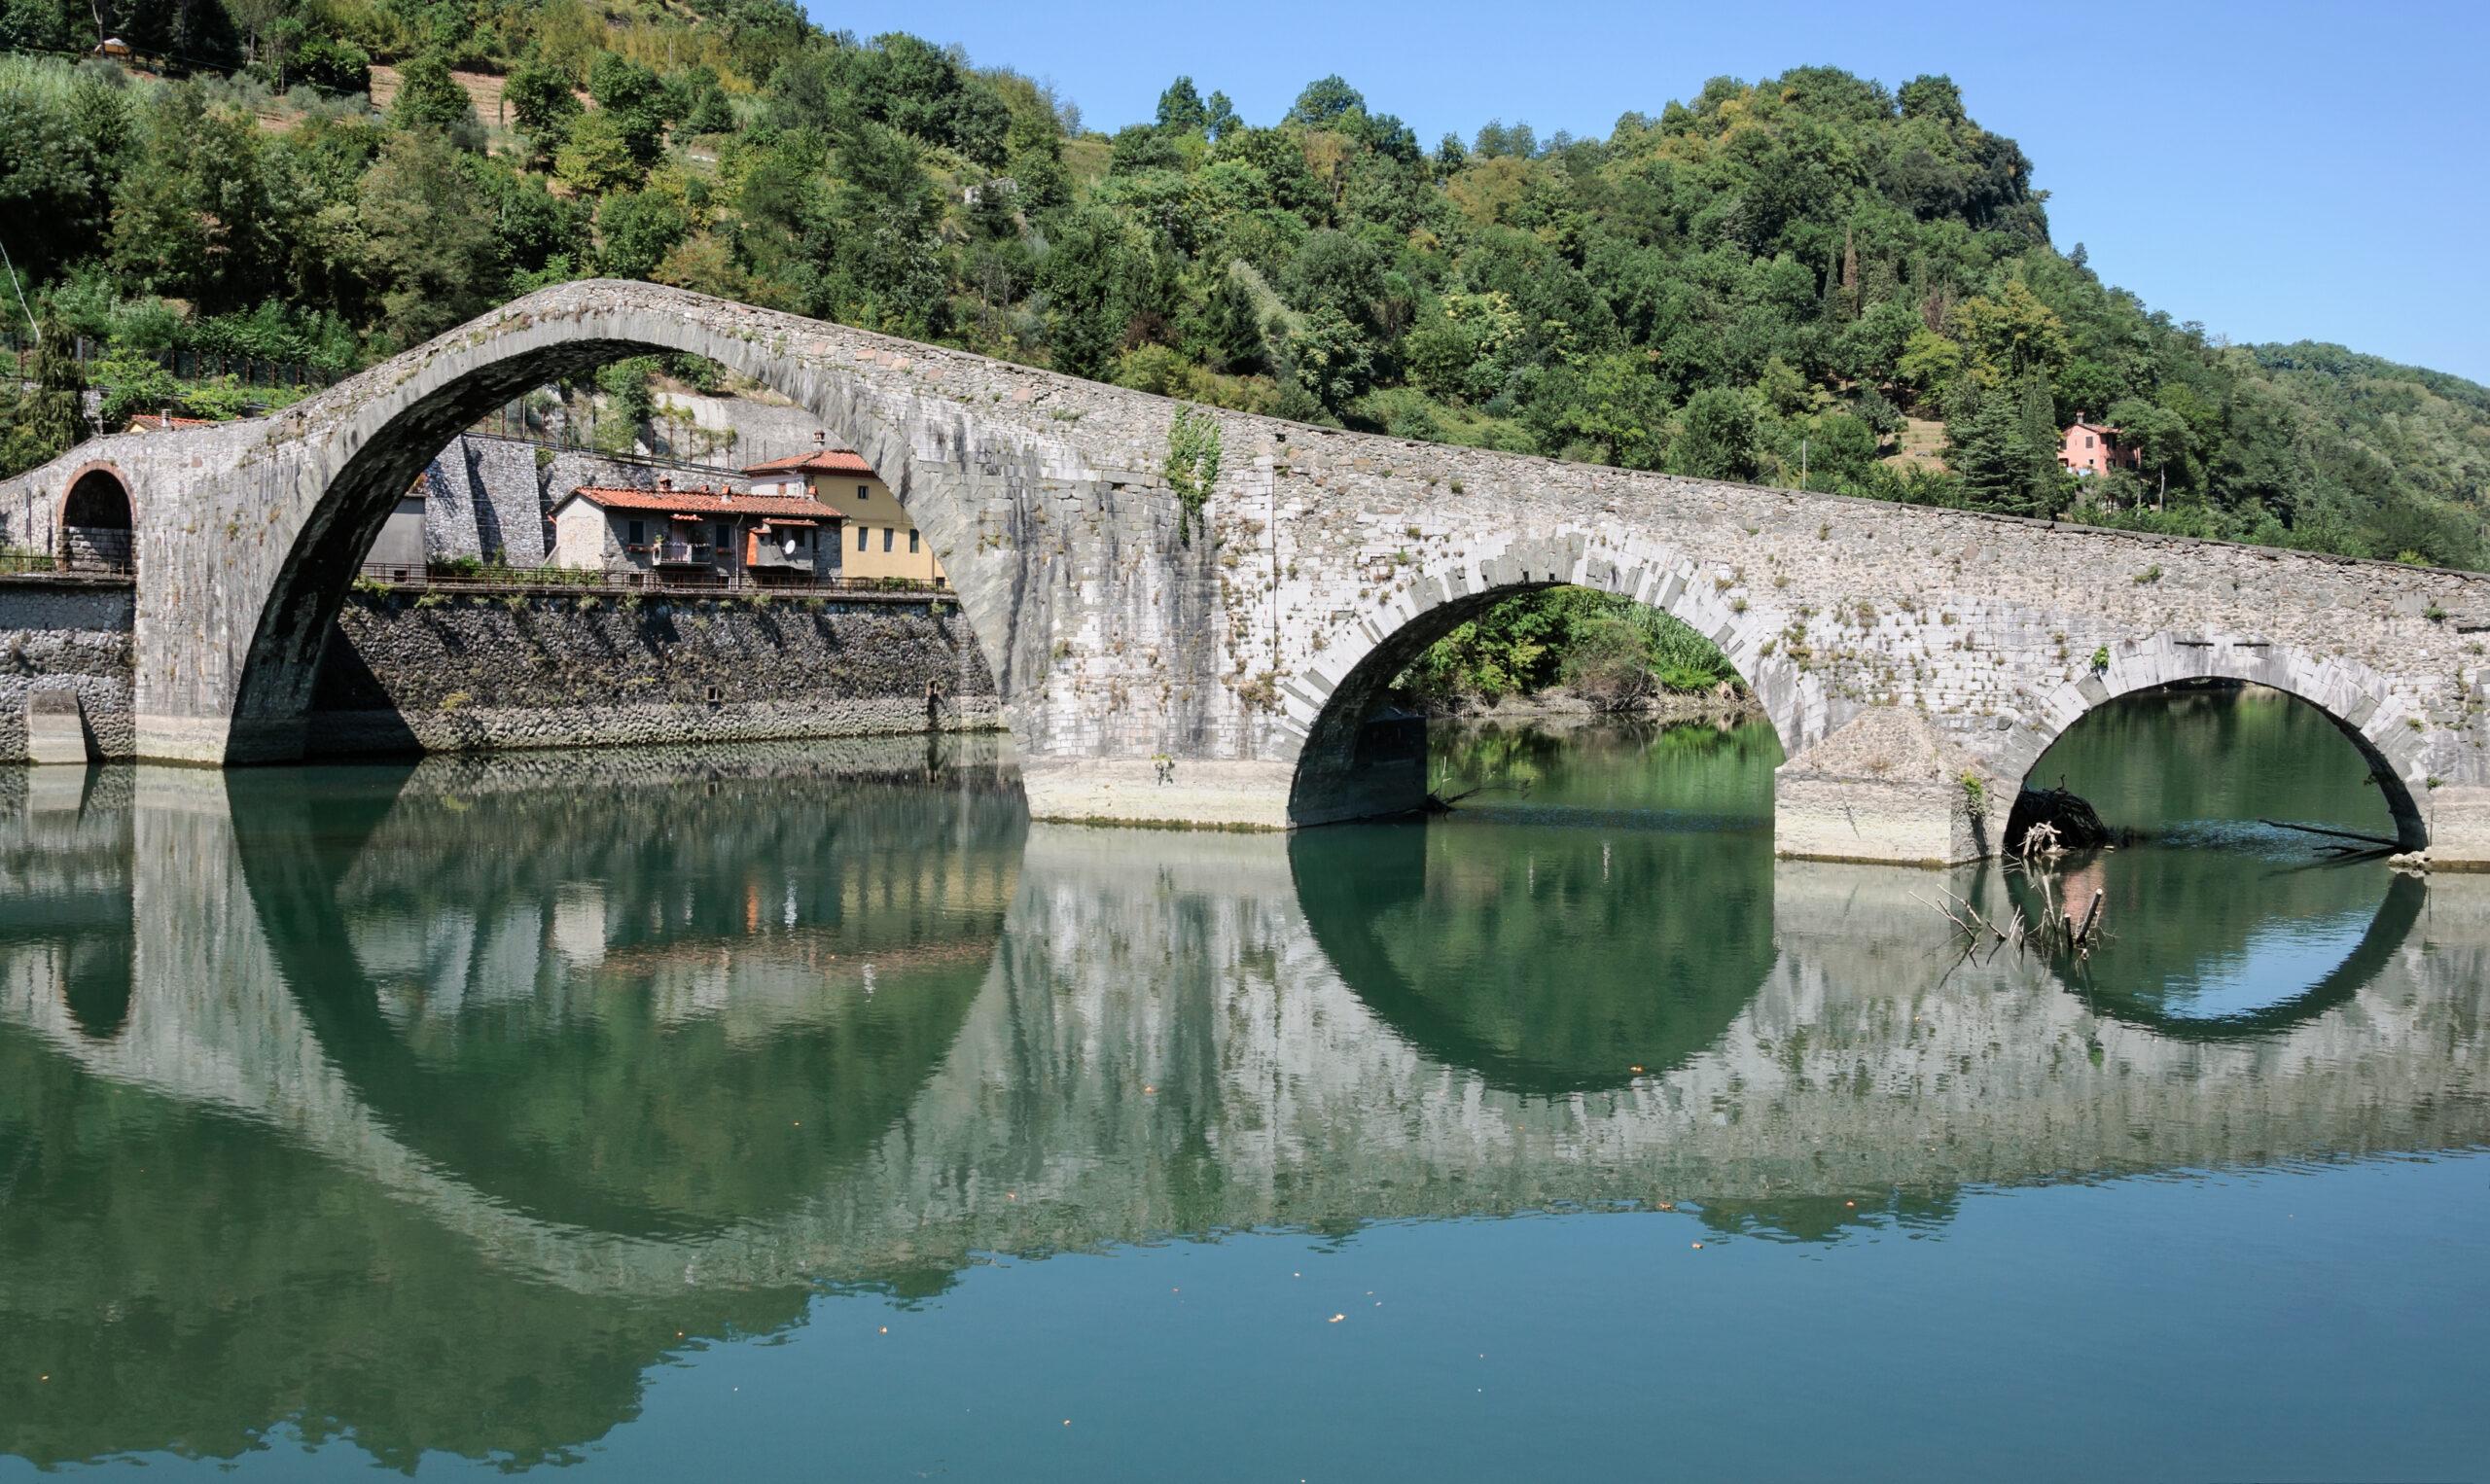 Borgo_a_Mozzano_Ponte_della_Maddalena-scaled Il ponte del diavolo di Borgo a Mozzano